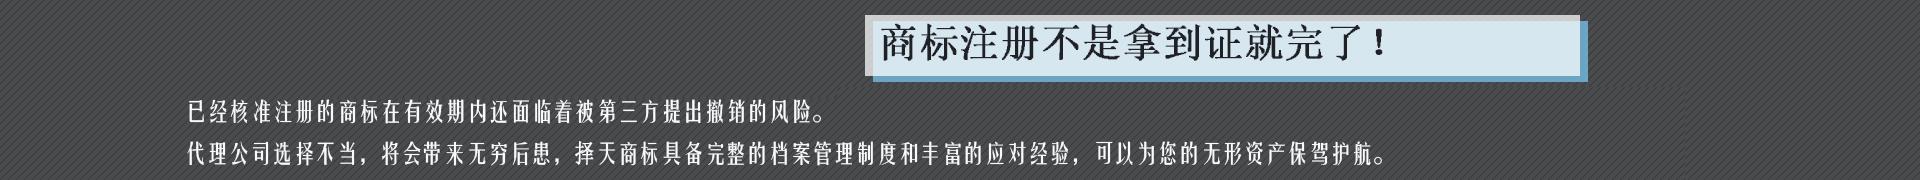 天津注册betway必威体育官网平台注意事项